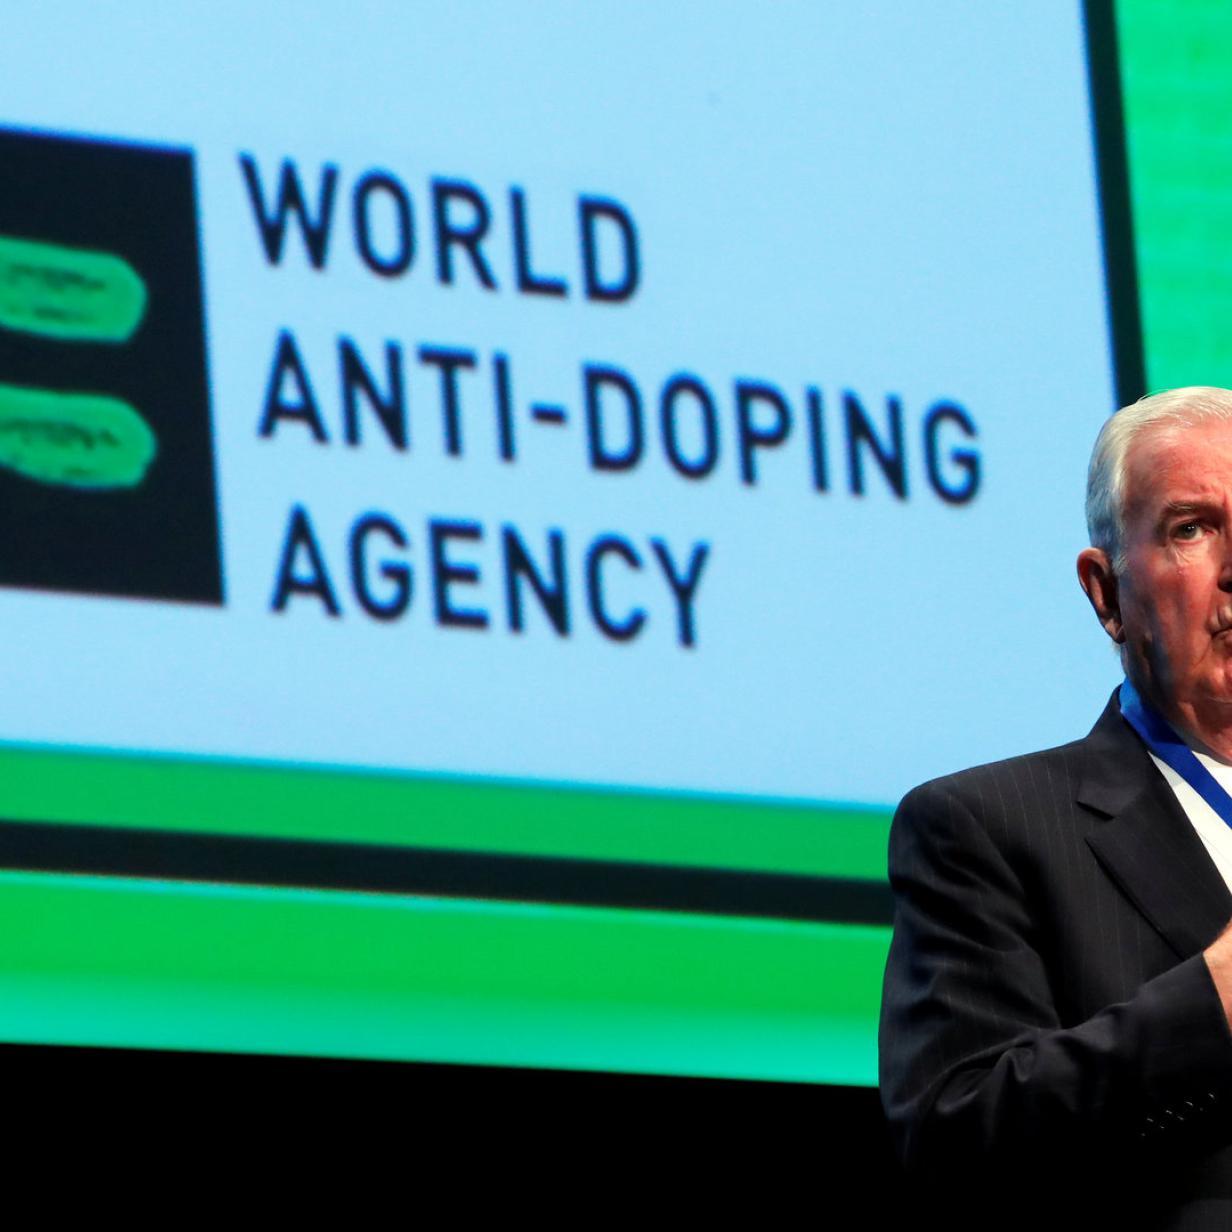 Russland ist wieder im Fokus der Doping-Jäger